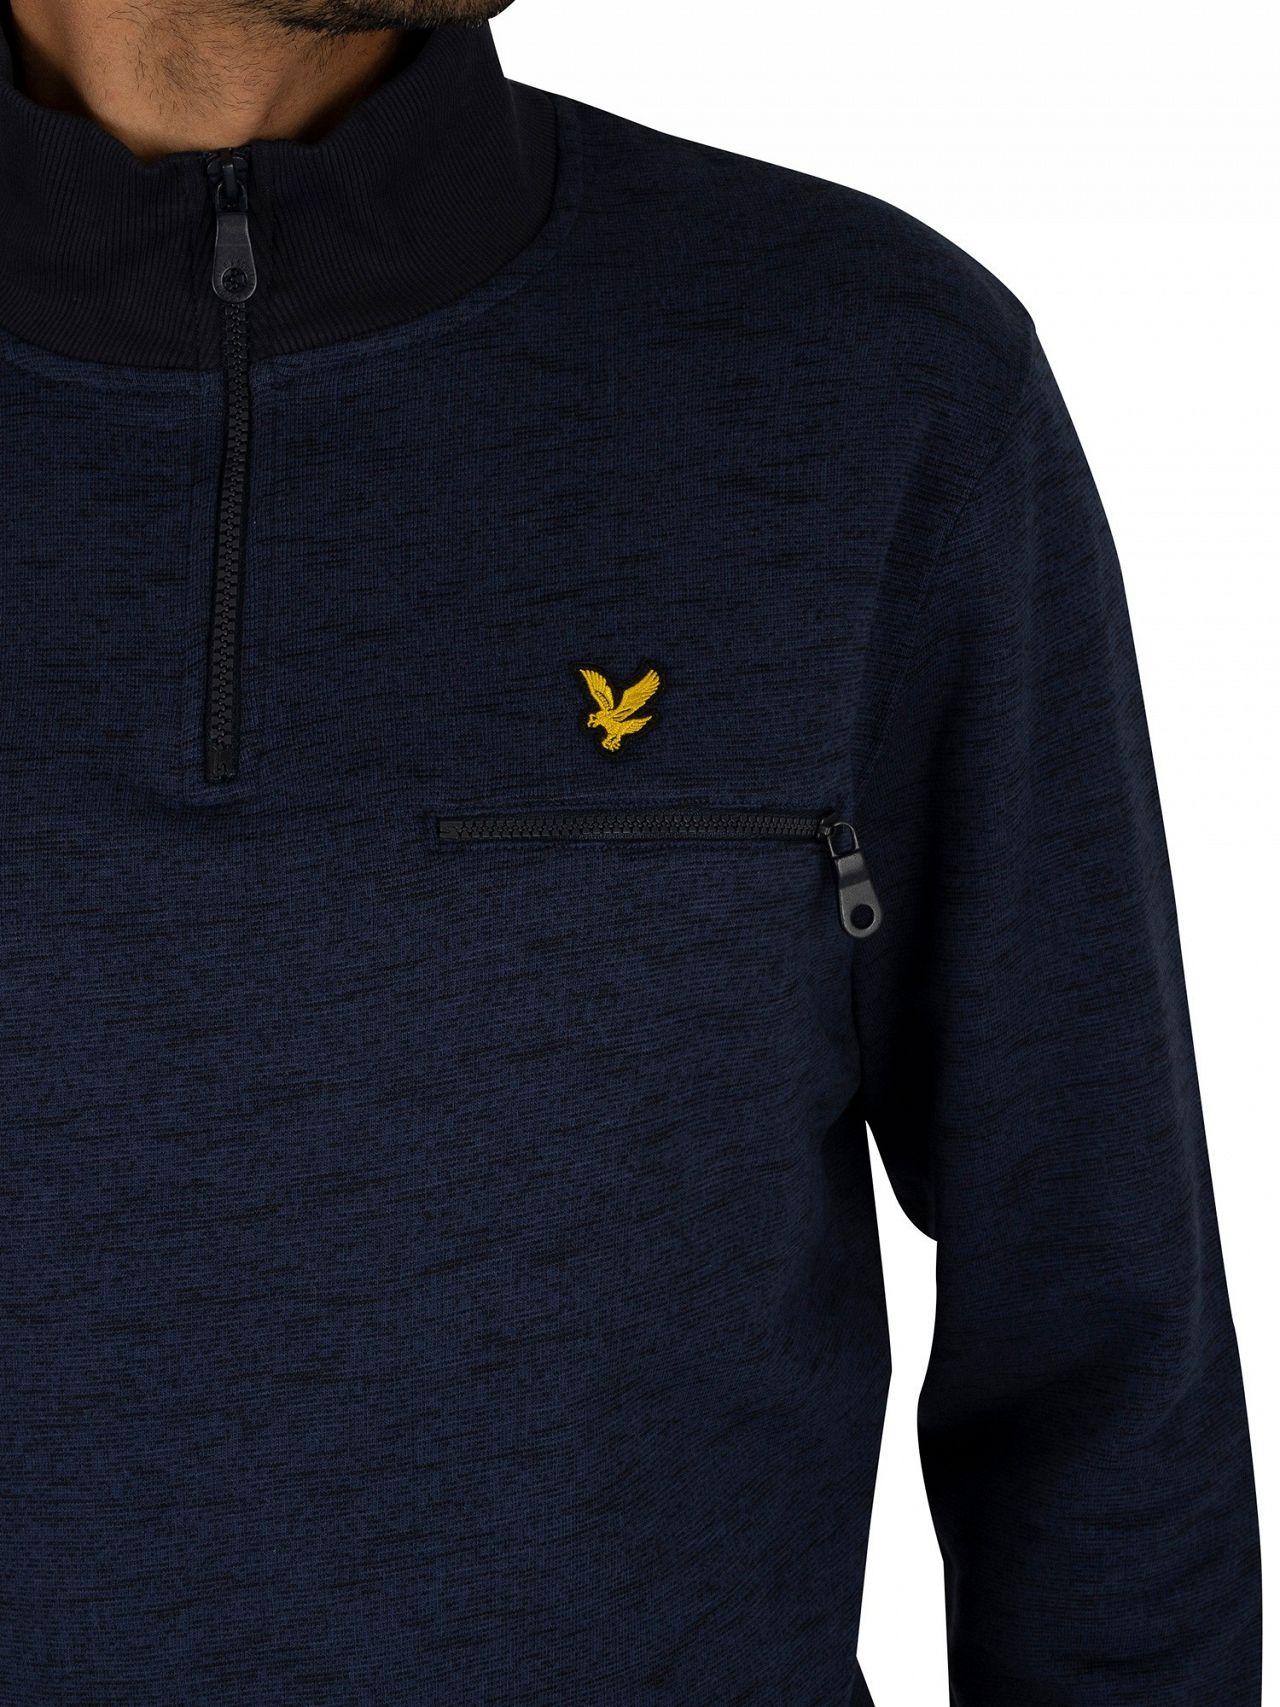 d0099d09f Lyle & Scott Navy Space Dye 1/4 Zip Sweatshirt